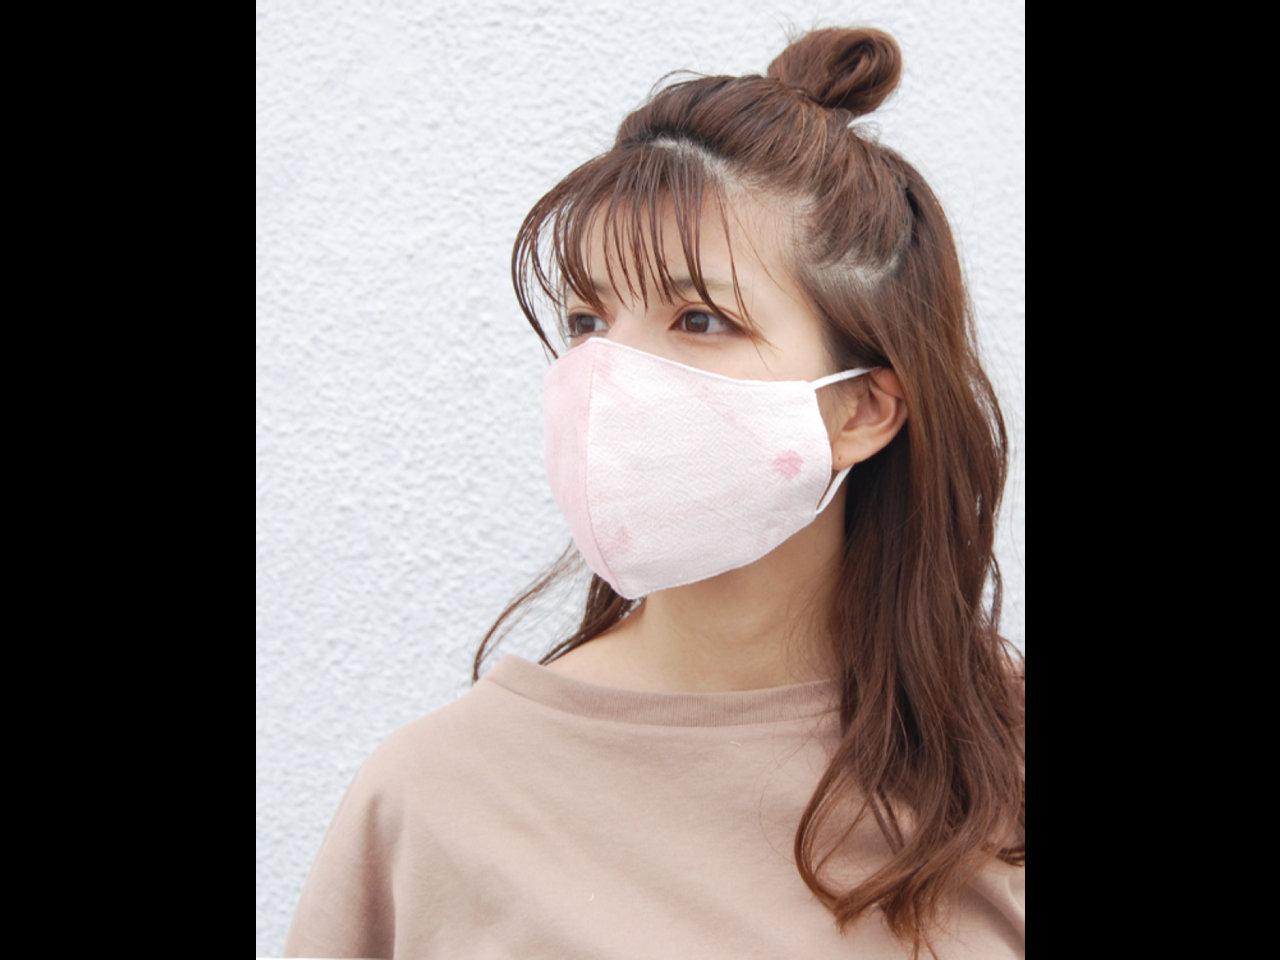 1枚770円。エスニックファッションブランド「tesoro」から新デザインが数量限定発売。